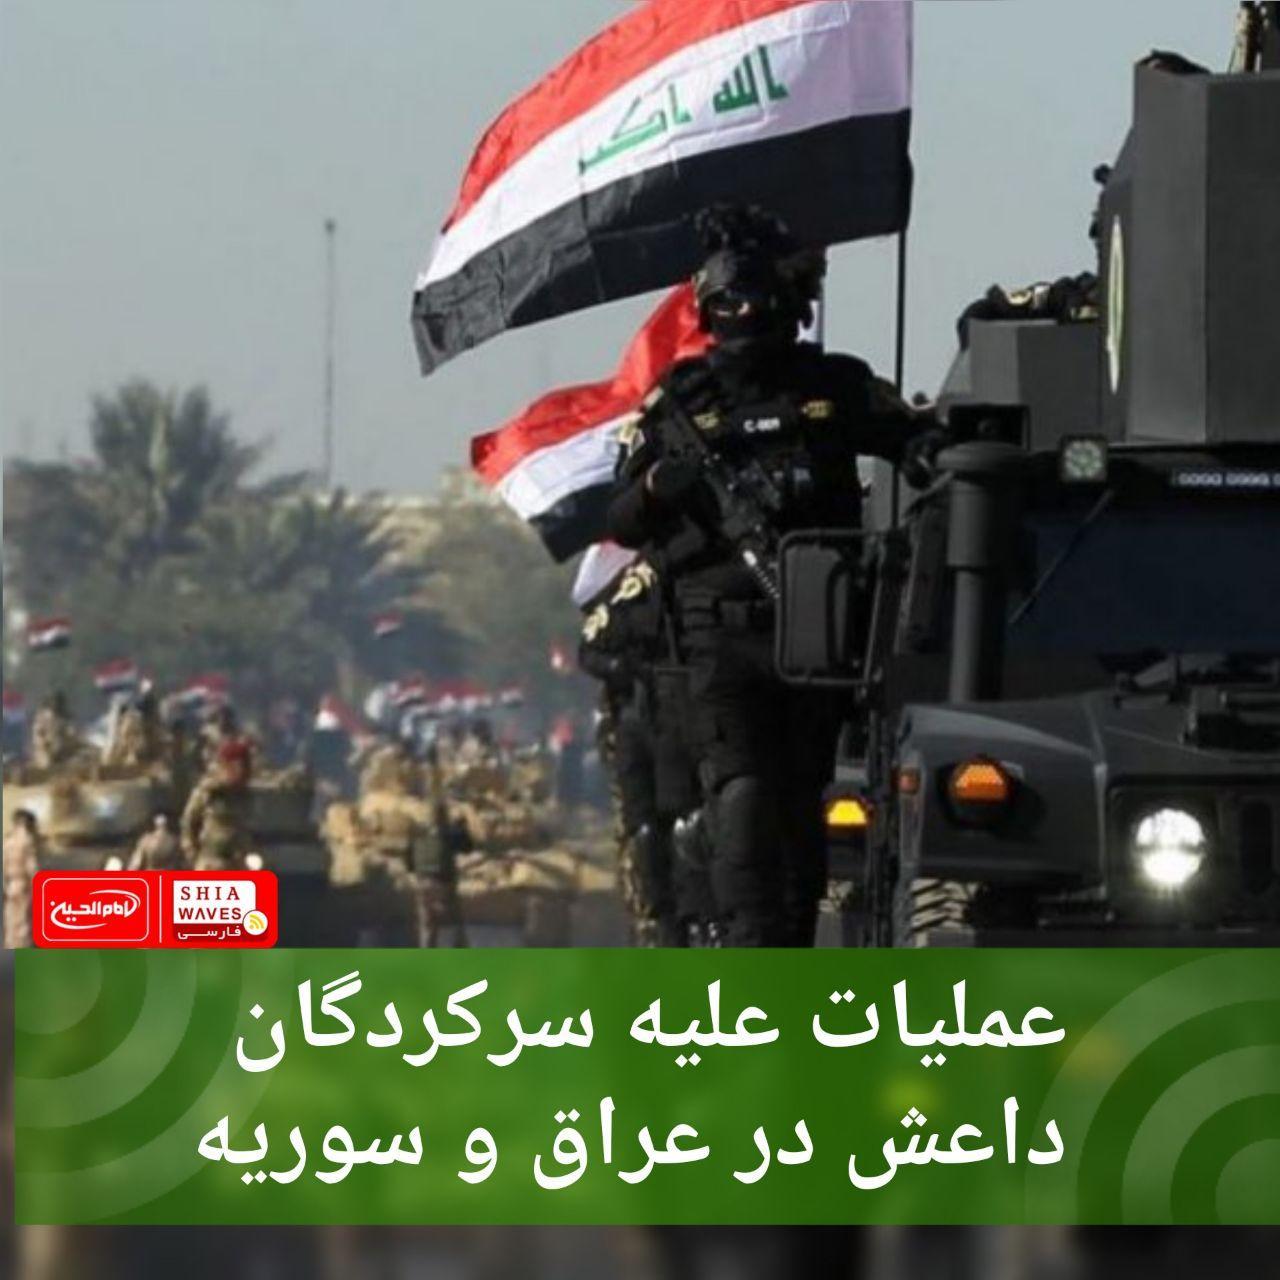 تصویر عملیات علیه سرکردگان داعش در عراق و سوریه